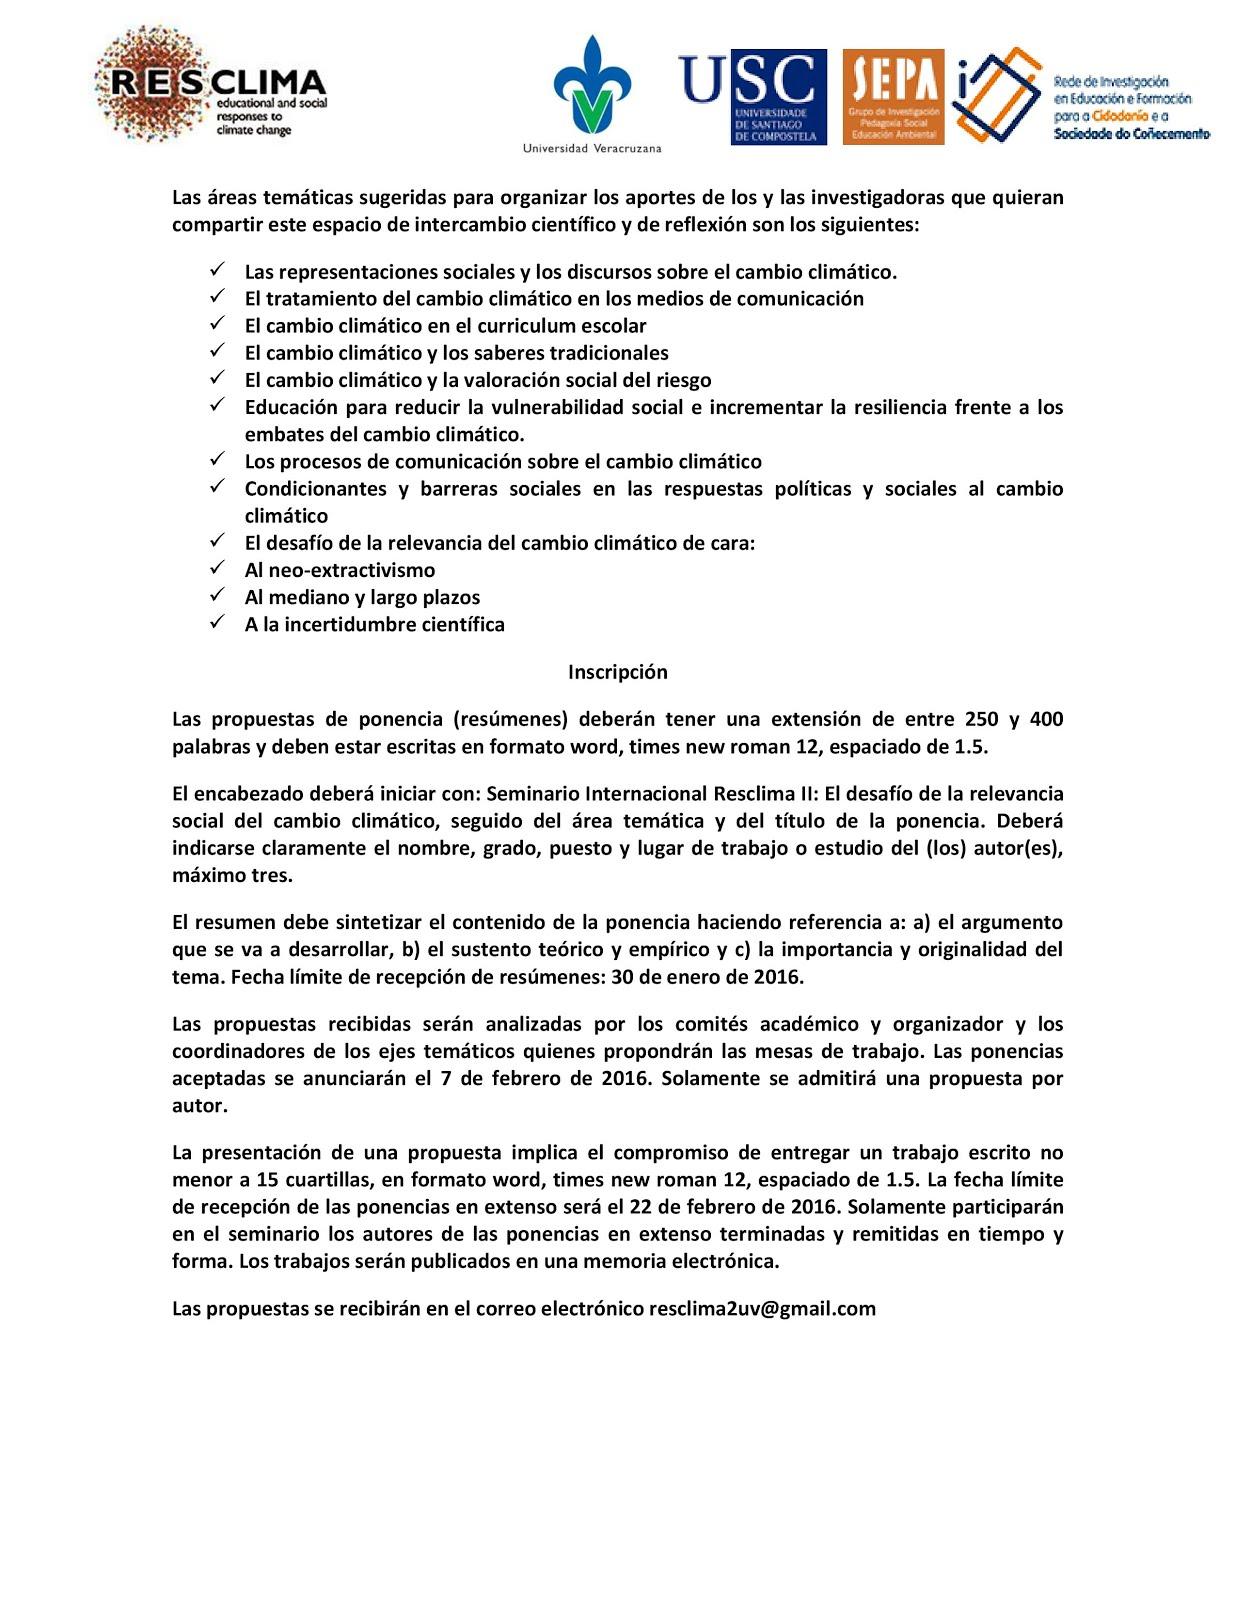 Édgar J. González Gaudiano: Invitación al II Seminario Internacional ...